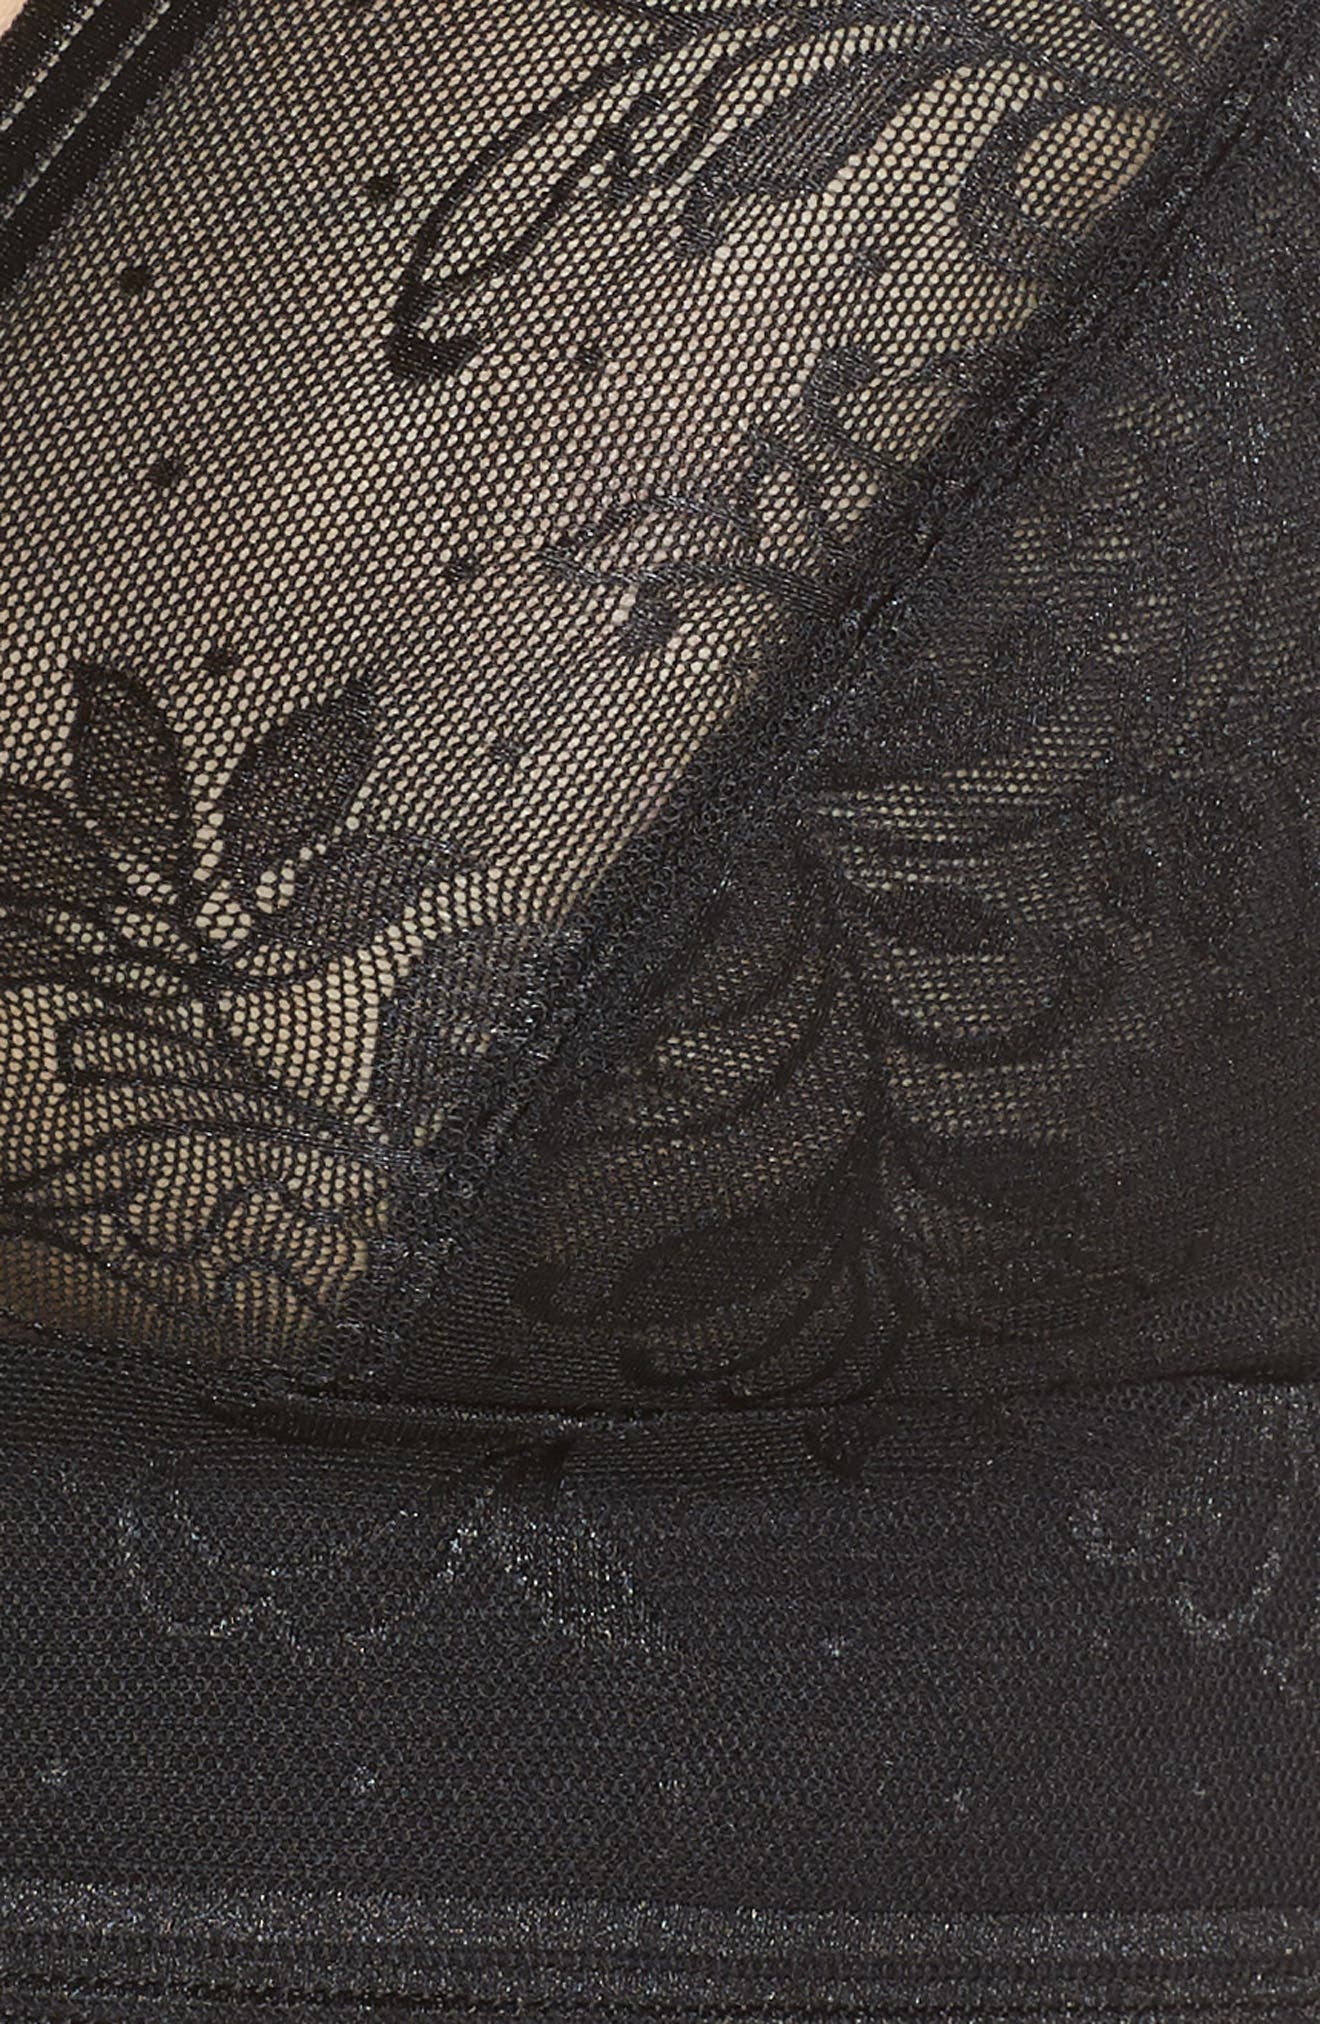 Net Effect Bralette,                             Alternate thumbnail 6, color,                             BLACK